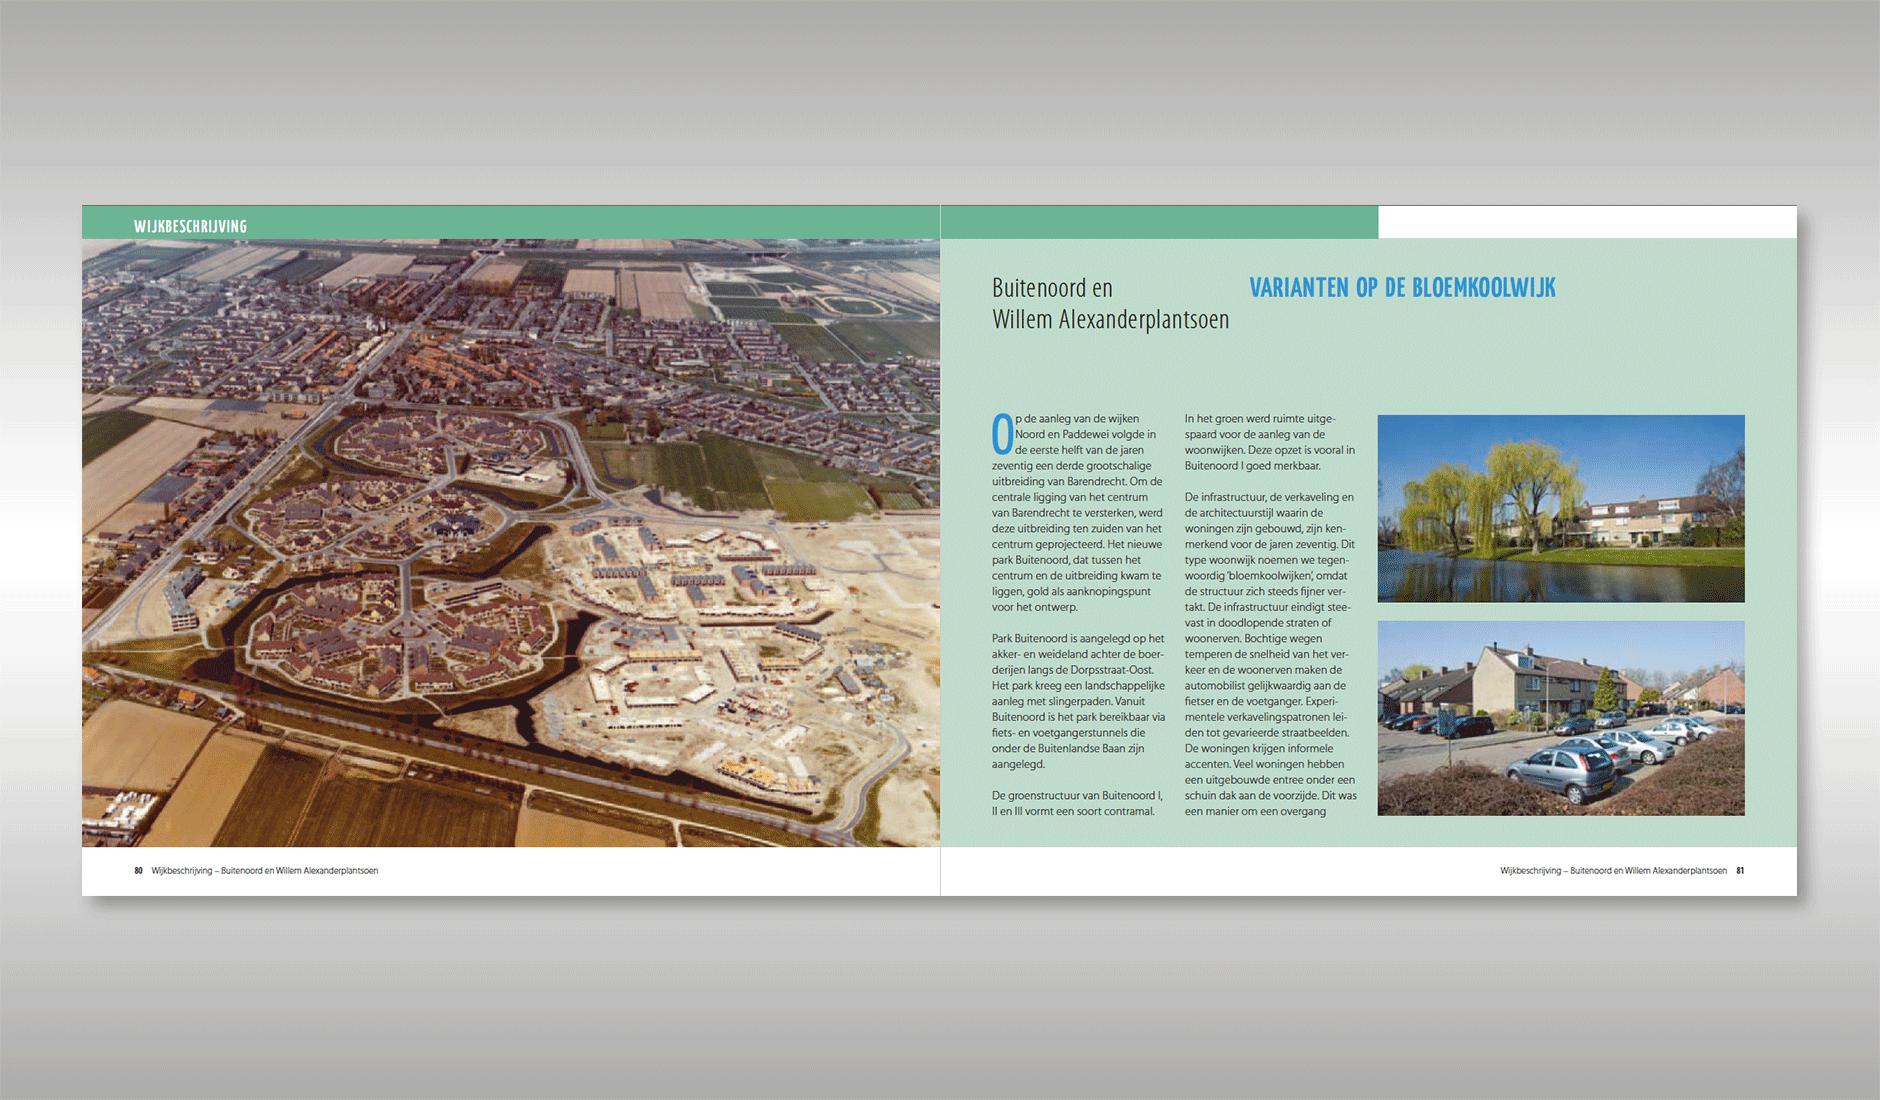 Ontwerp voor wijkbeschrijvingen. Spread met wijkbeschrijving Buitenoord en Willem Alexanderplantsoen